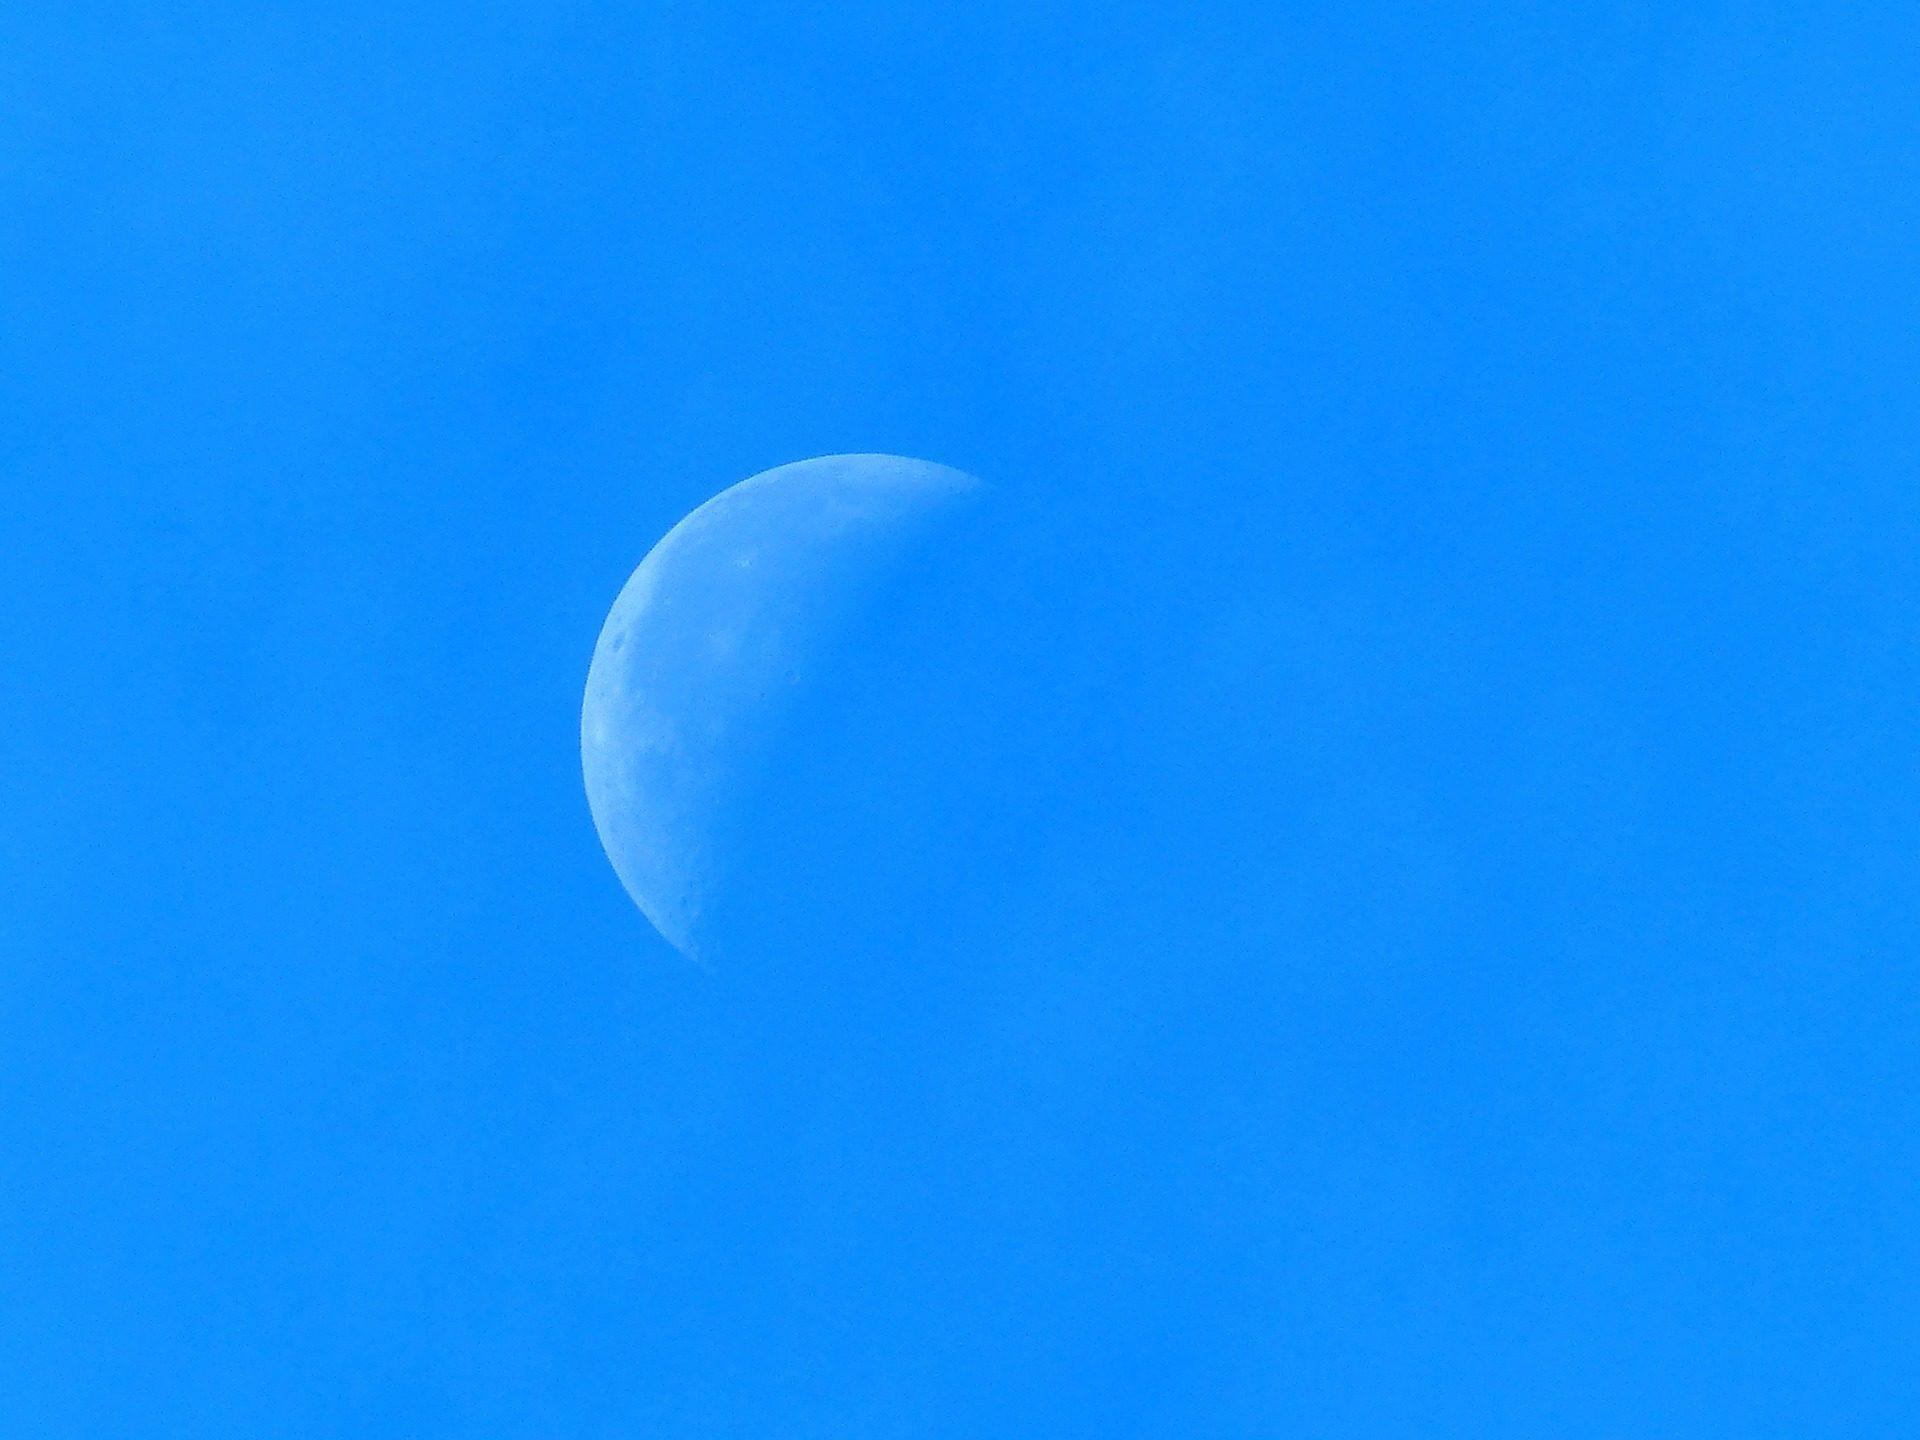 Lune, Sky, en journée, Astro, de plus en plus - Fonds d'écran HD - Professor-falken.com